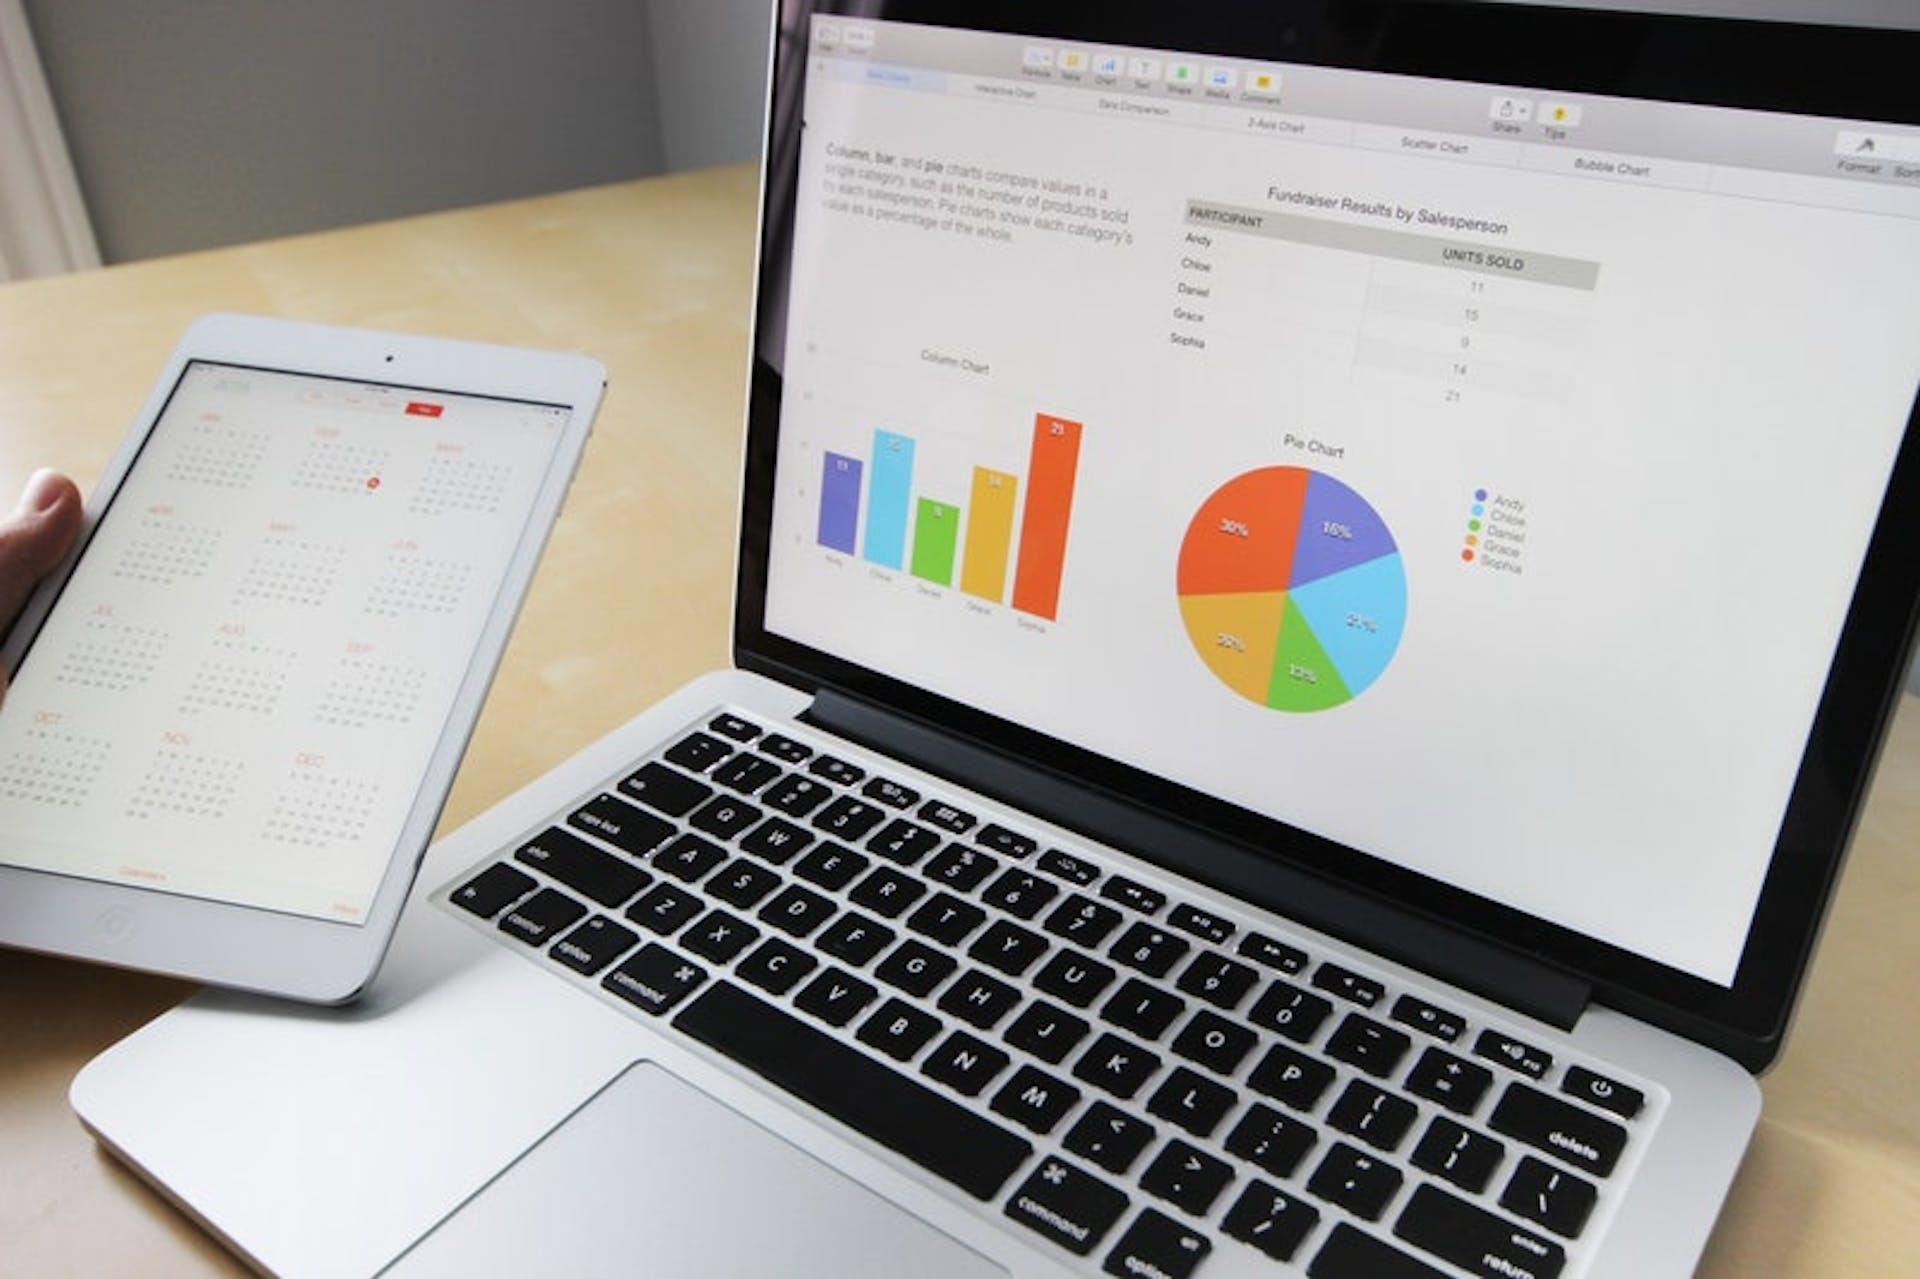 Las 4 Ps del marketing: las mejores herramientas para que tu negocio despegue